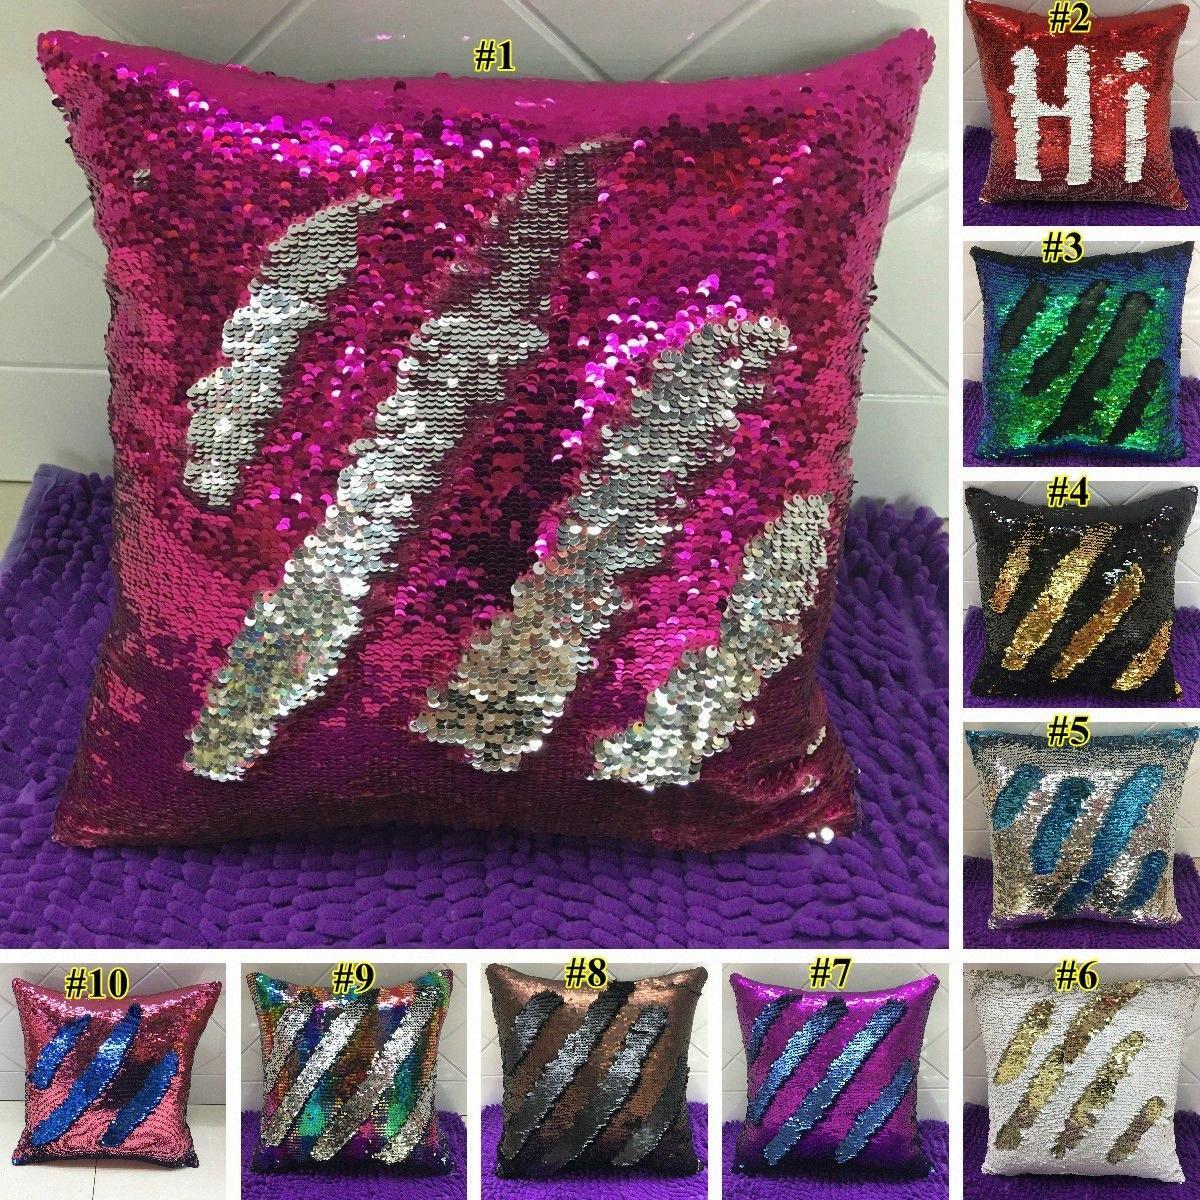 Copertine doppio paillettes federa del cuscino coperchio quadrato Glamour caso Cuscino casa Divano Decor auto Mermaid cuscini senza anima DWE721 fAVP #